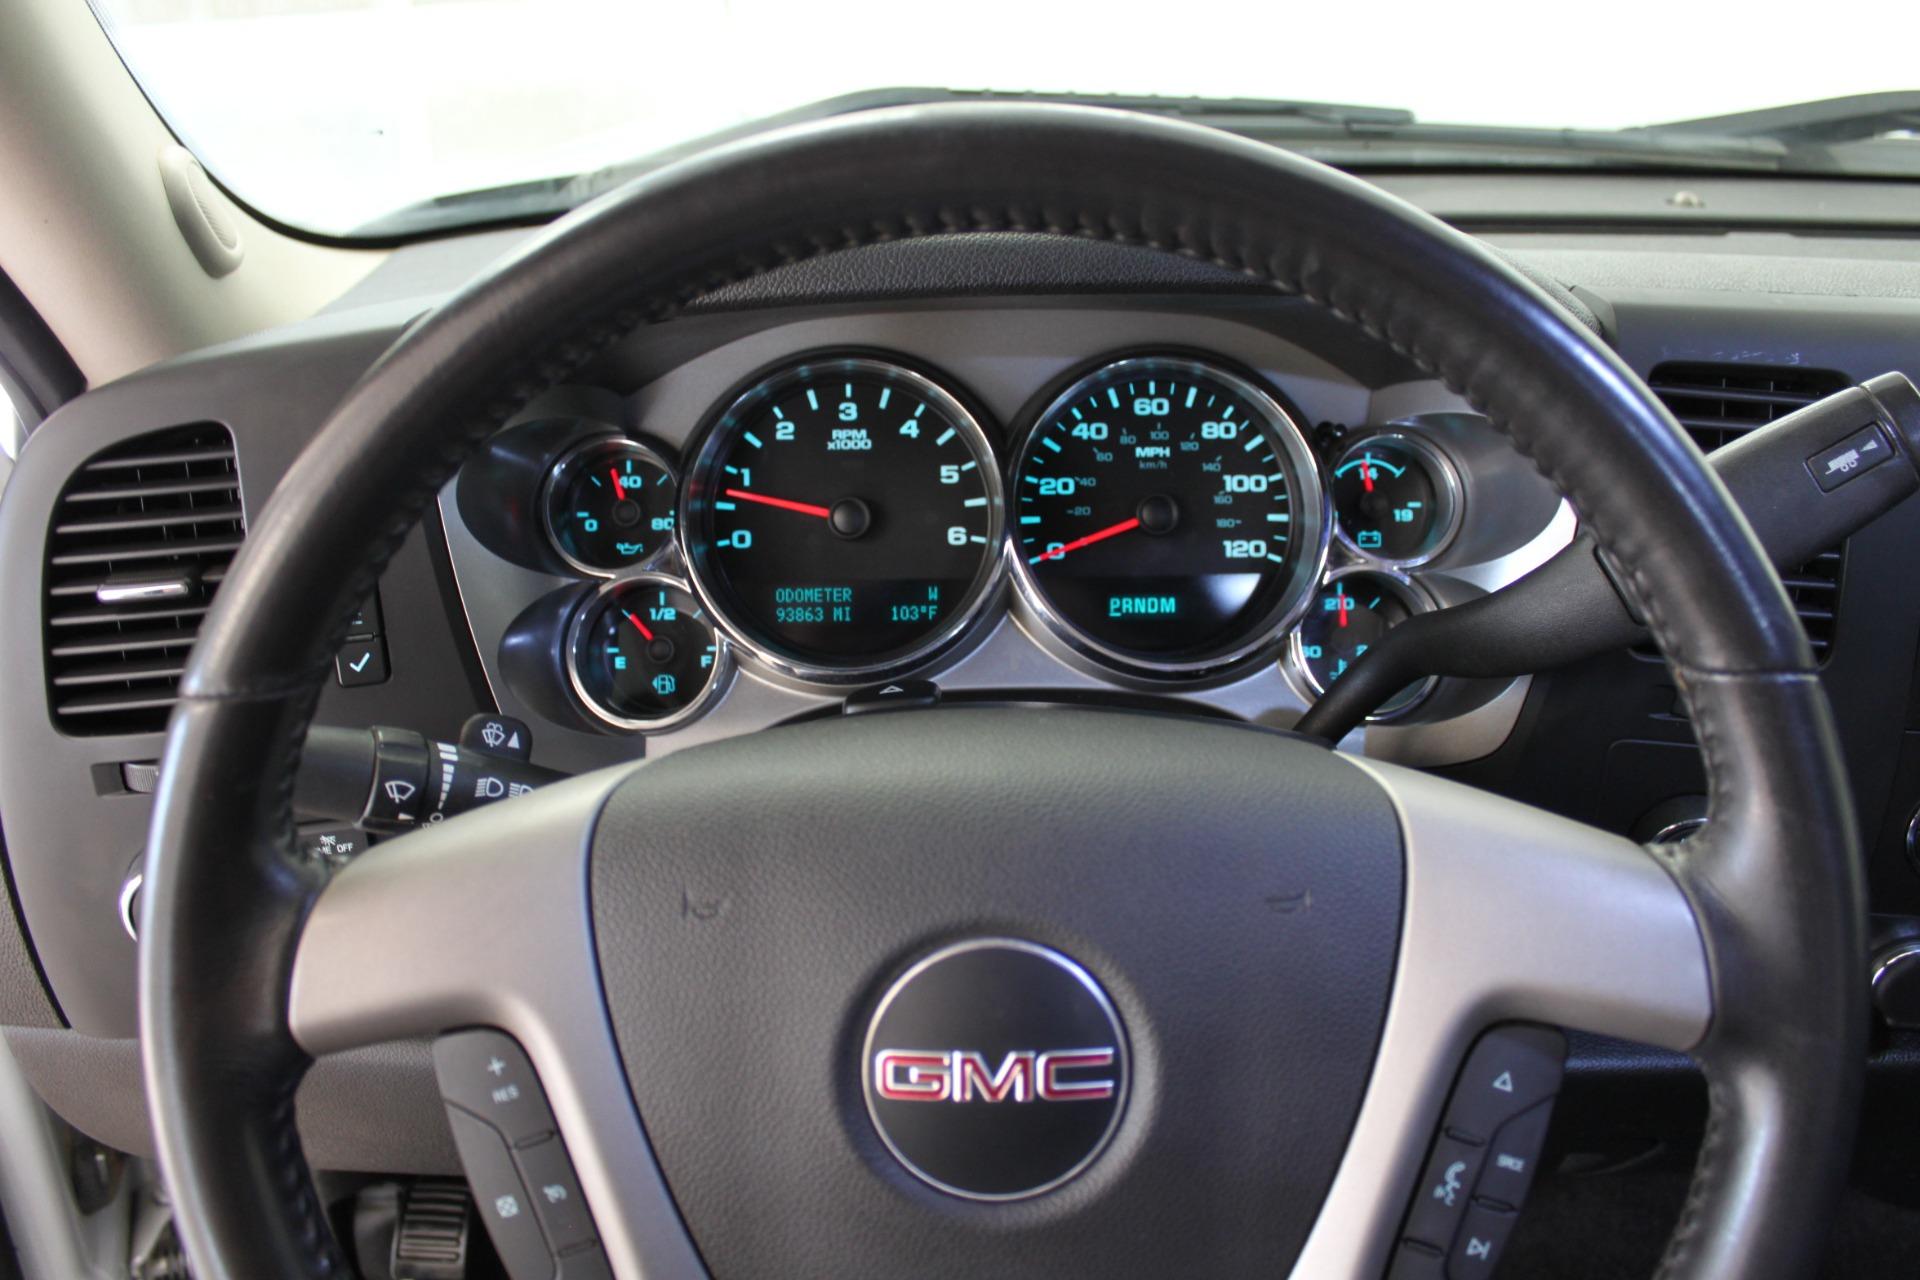 Used-2013-GMC-Sierra-1500-SLE-Z71-4X4-Mopar